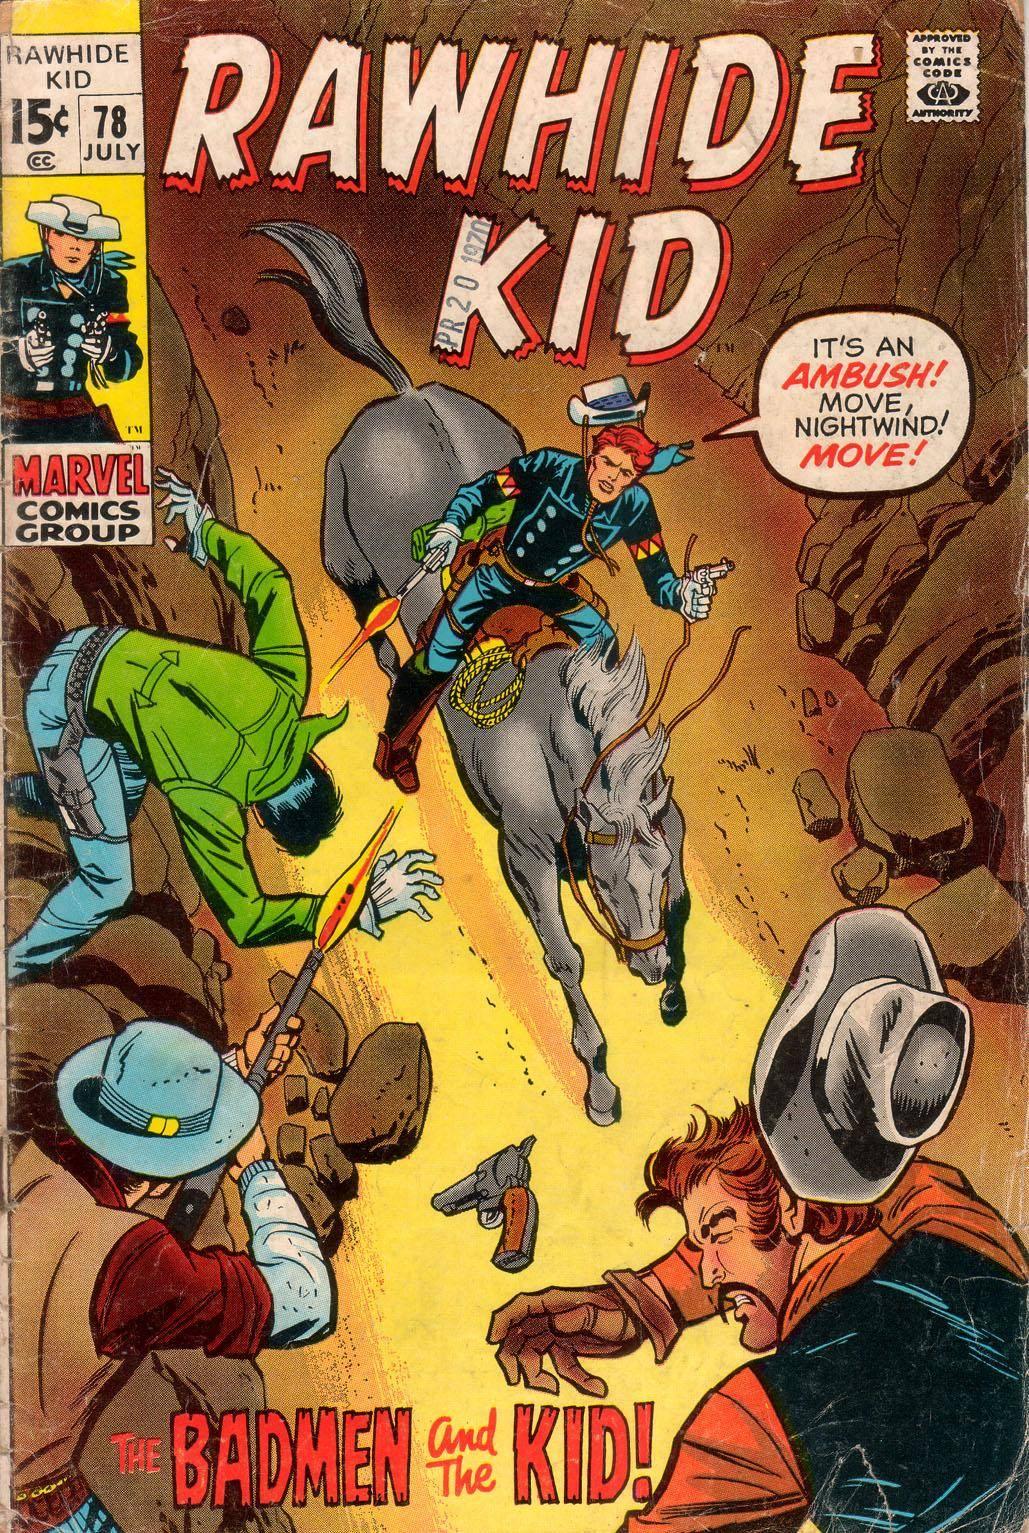 Rawhide Kid v1 078 1970